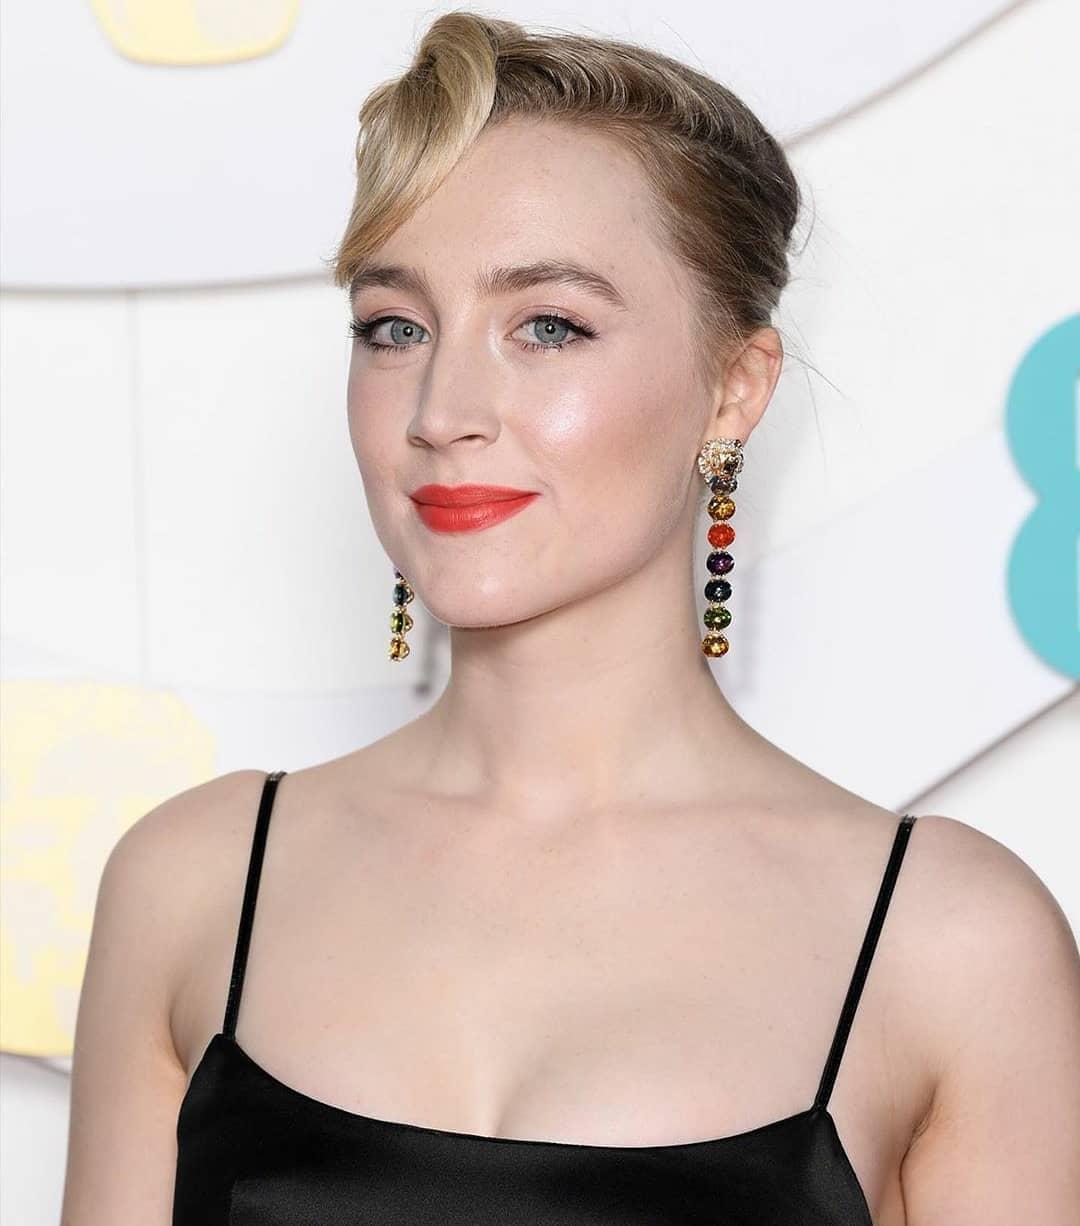 Saoirse Ronan at the 2020 BAFTAs